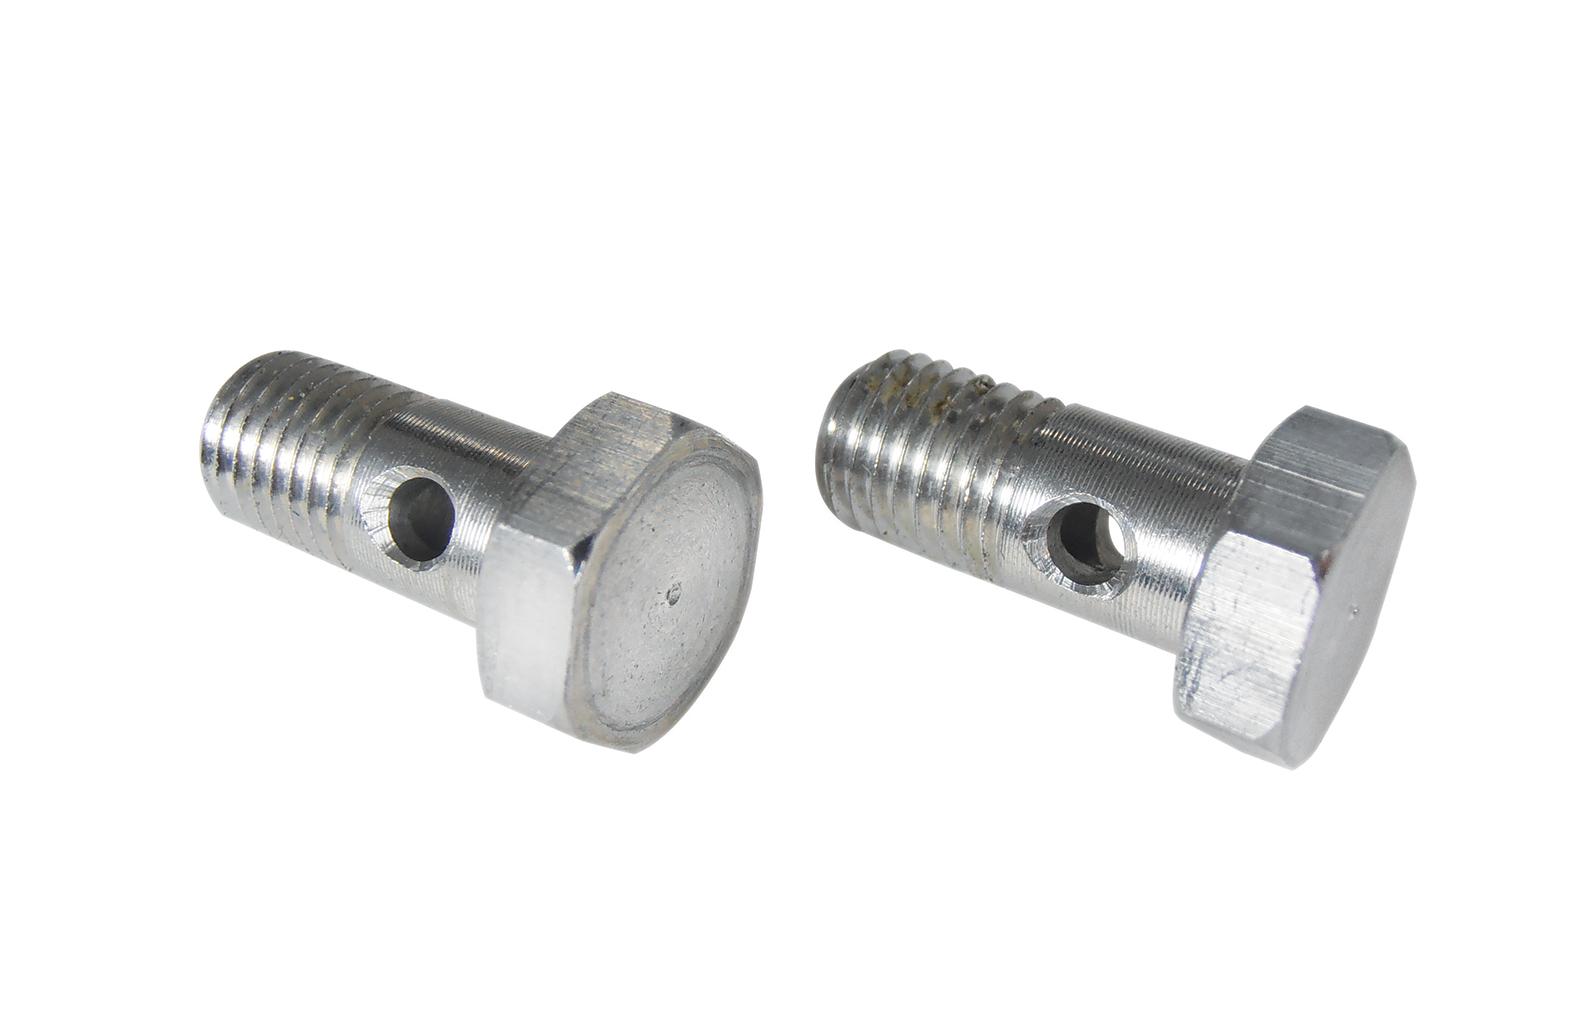 K70-E5 / HOLLOW SCREW A 2/3